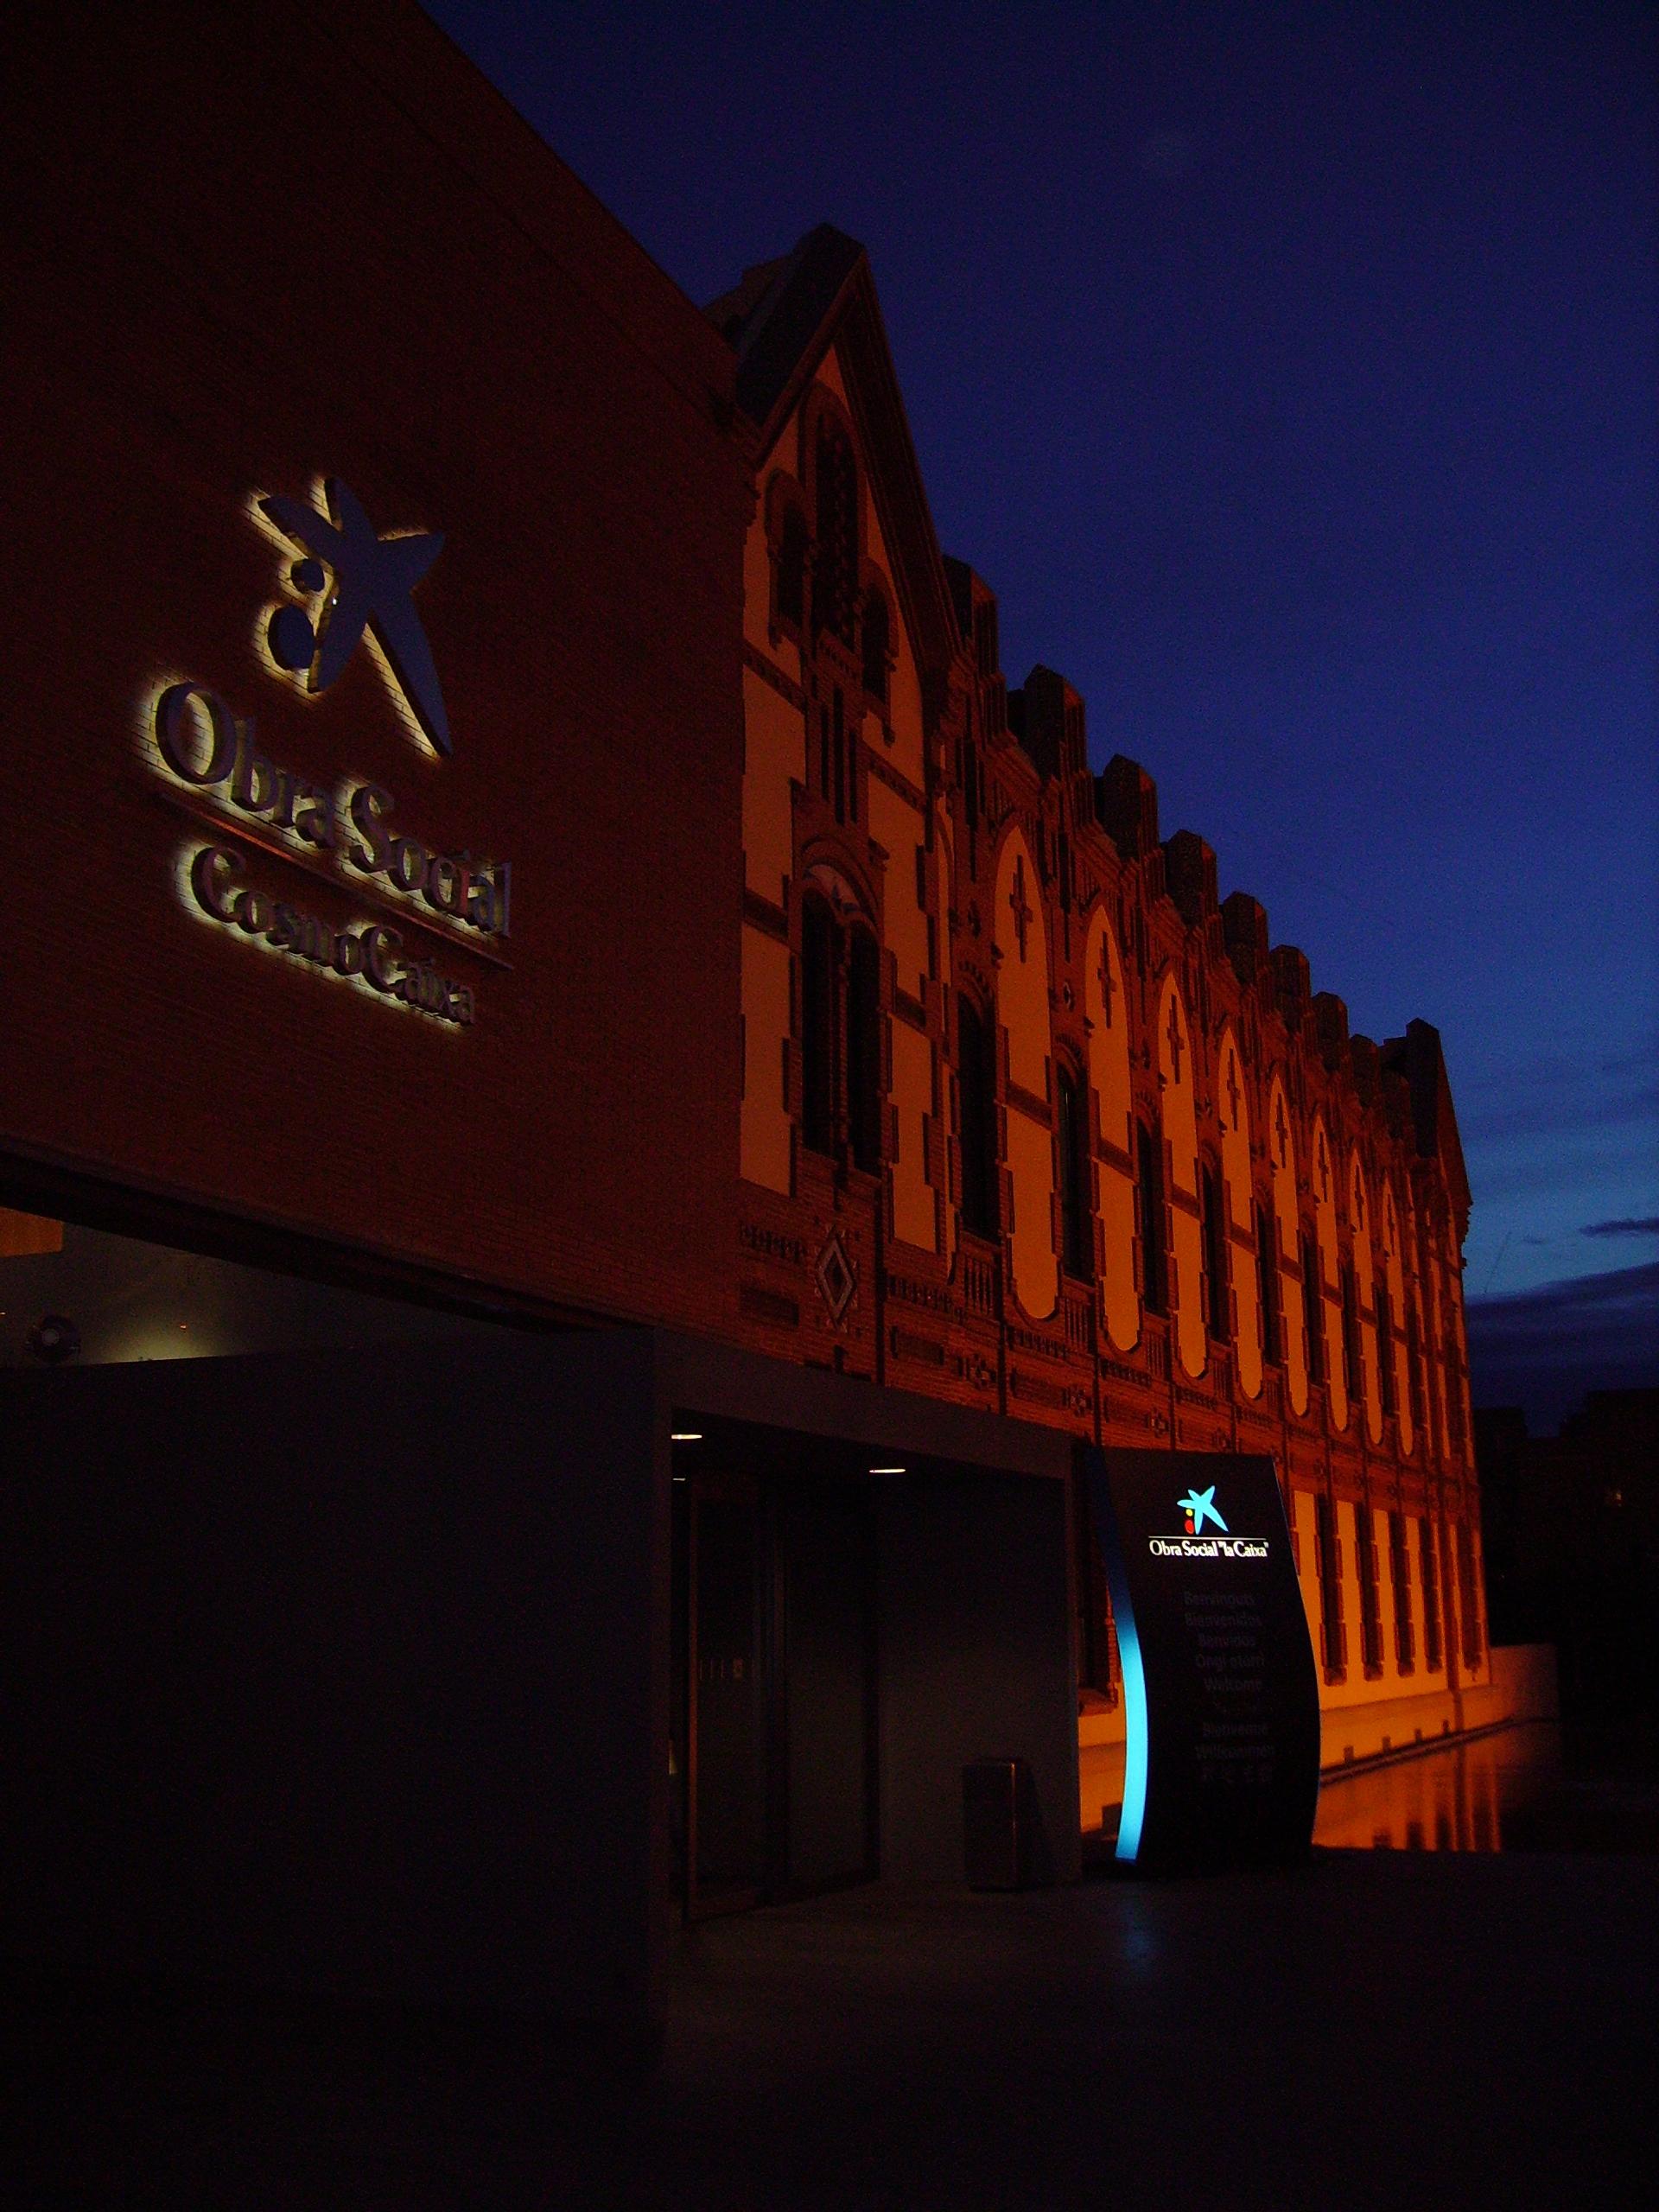 Vista nocturna de la fachada del edificio